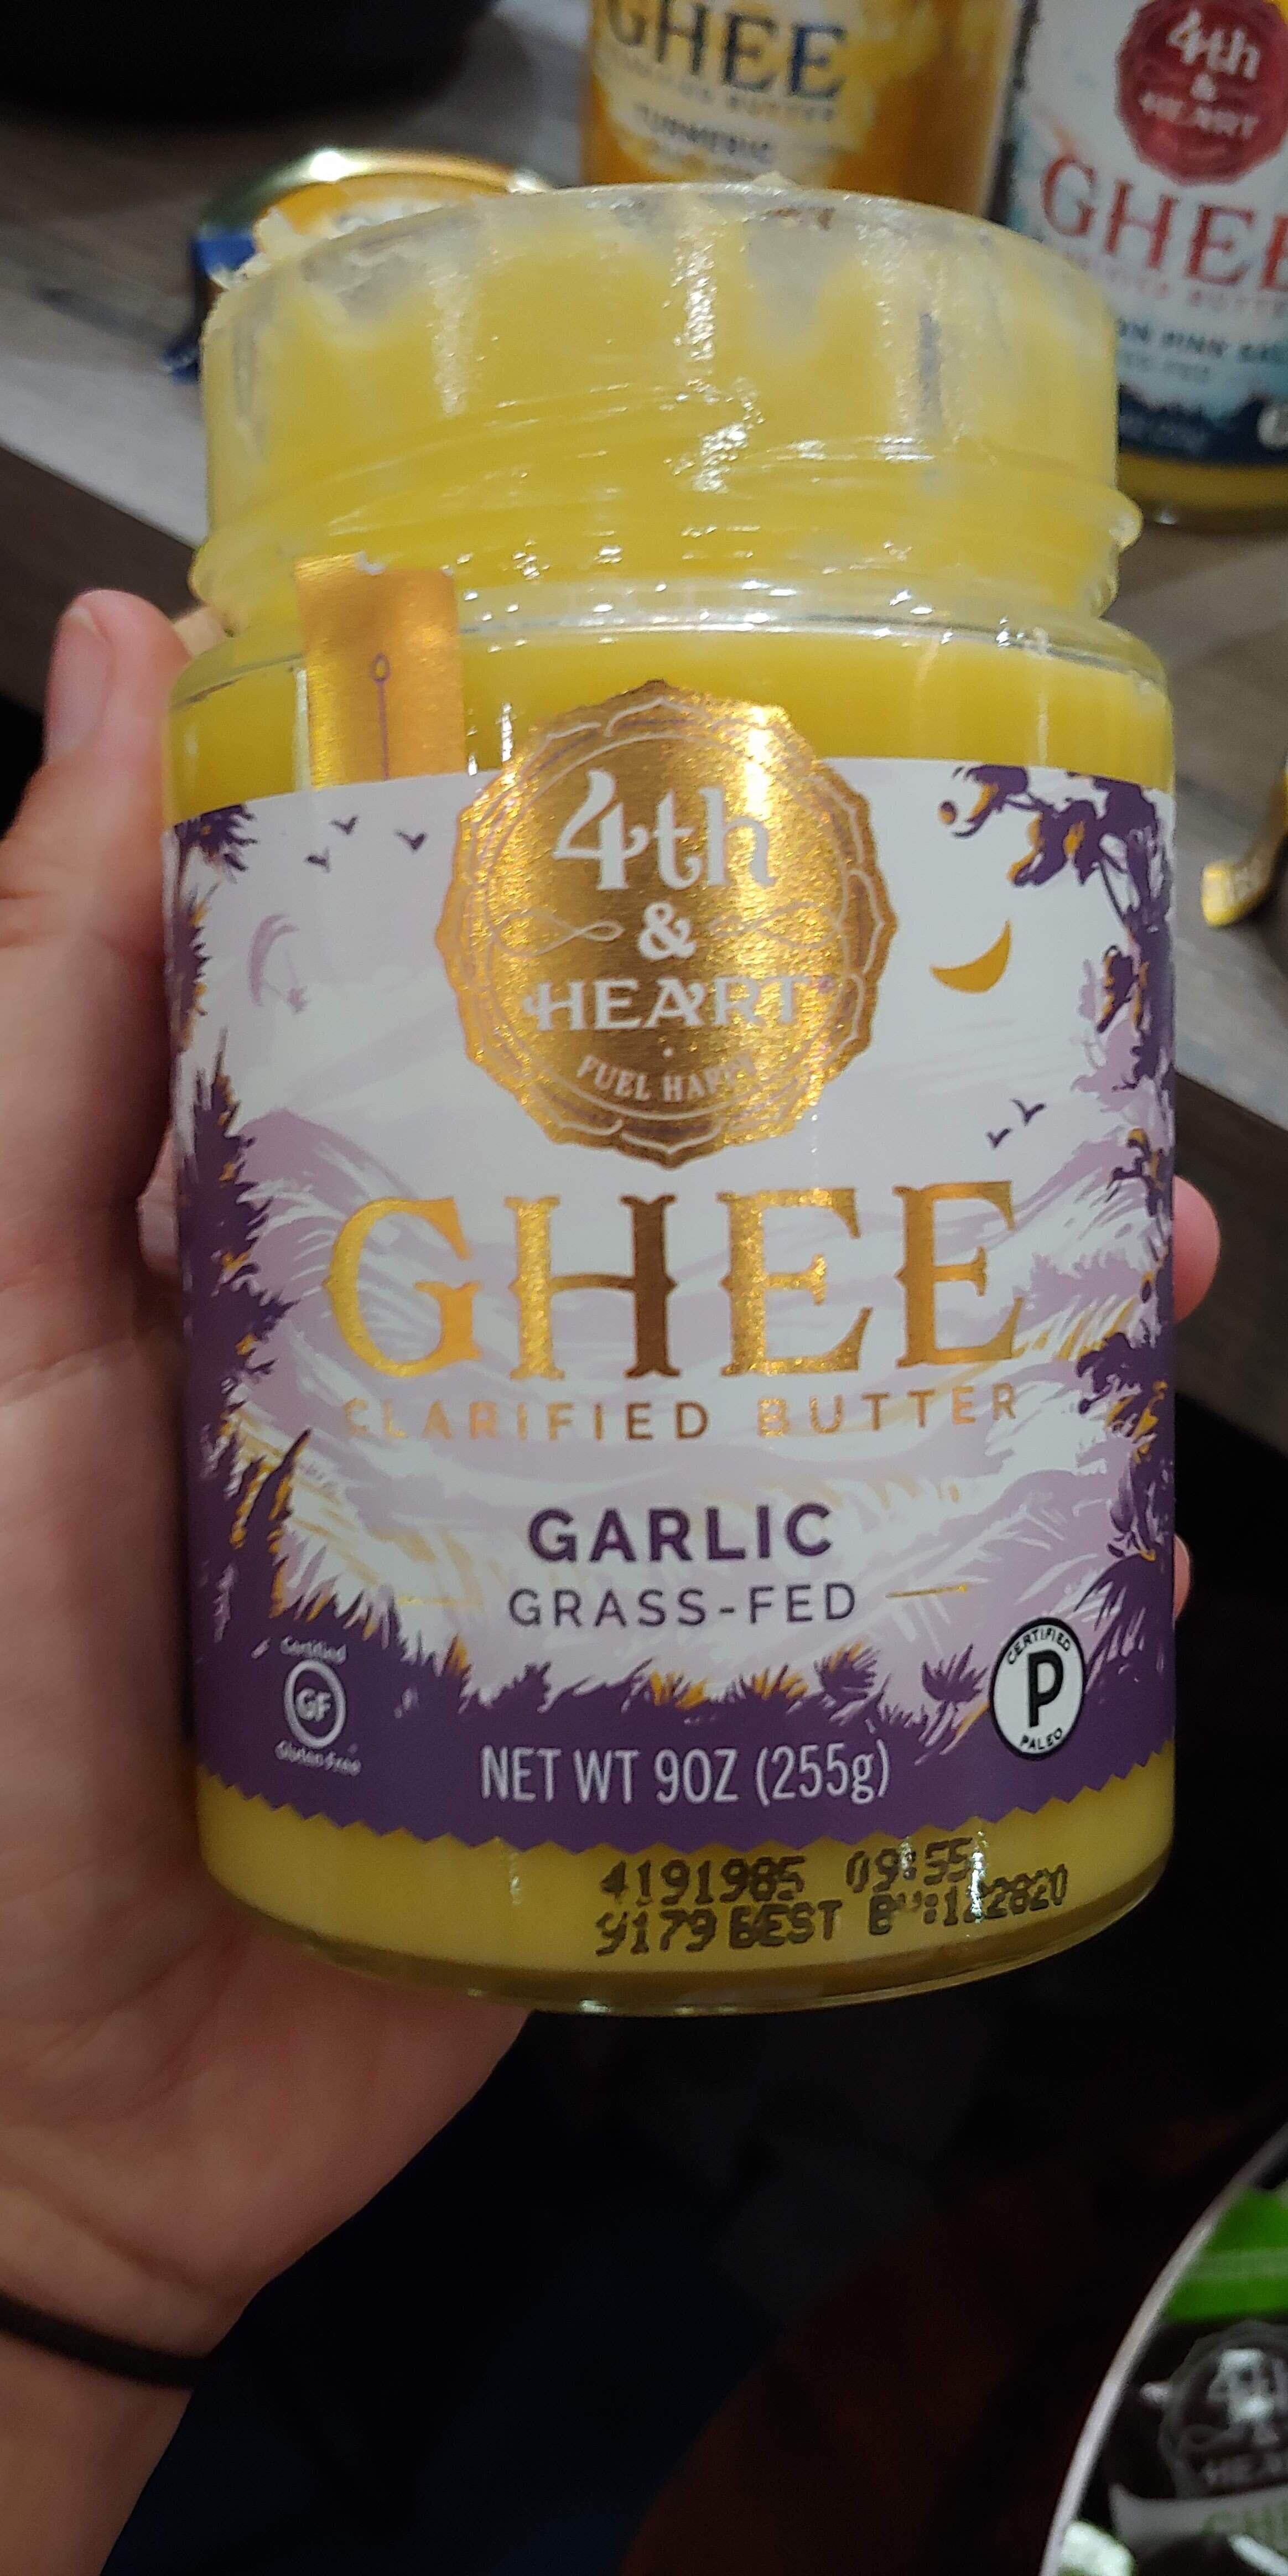 Garlic ghee goodness